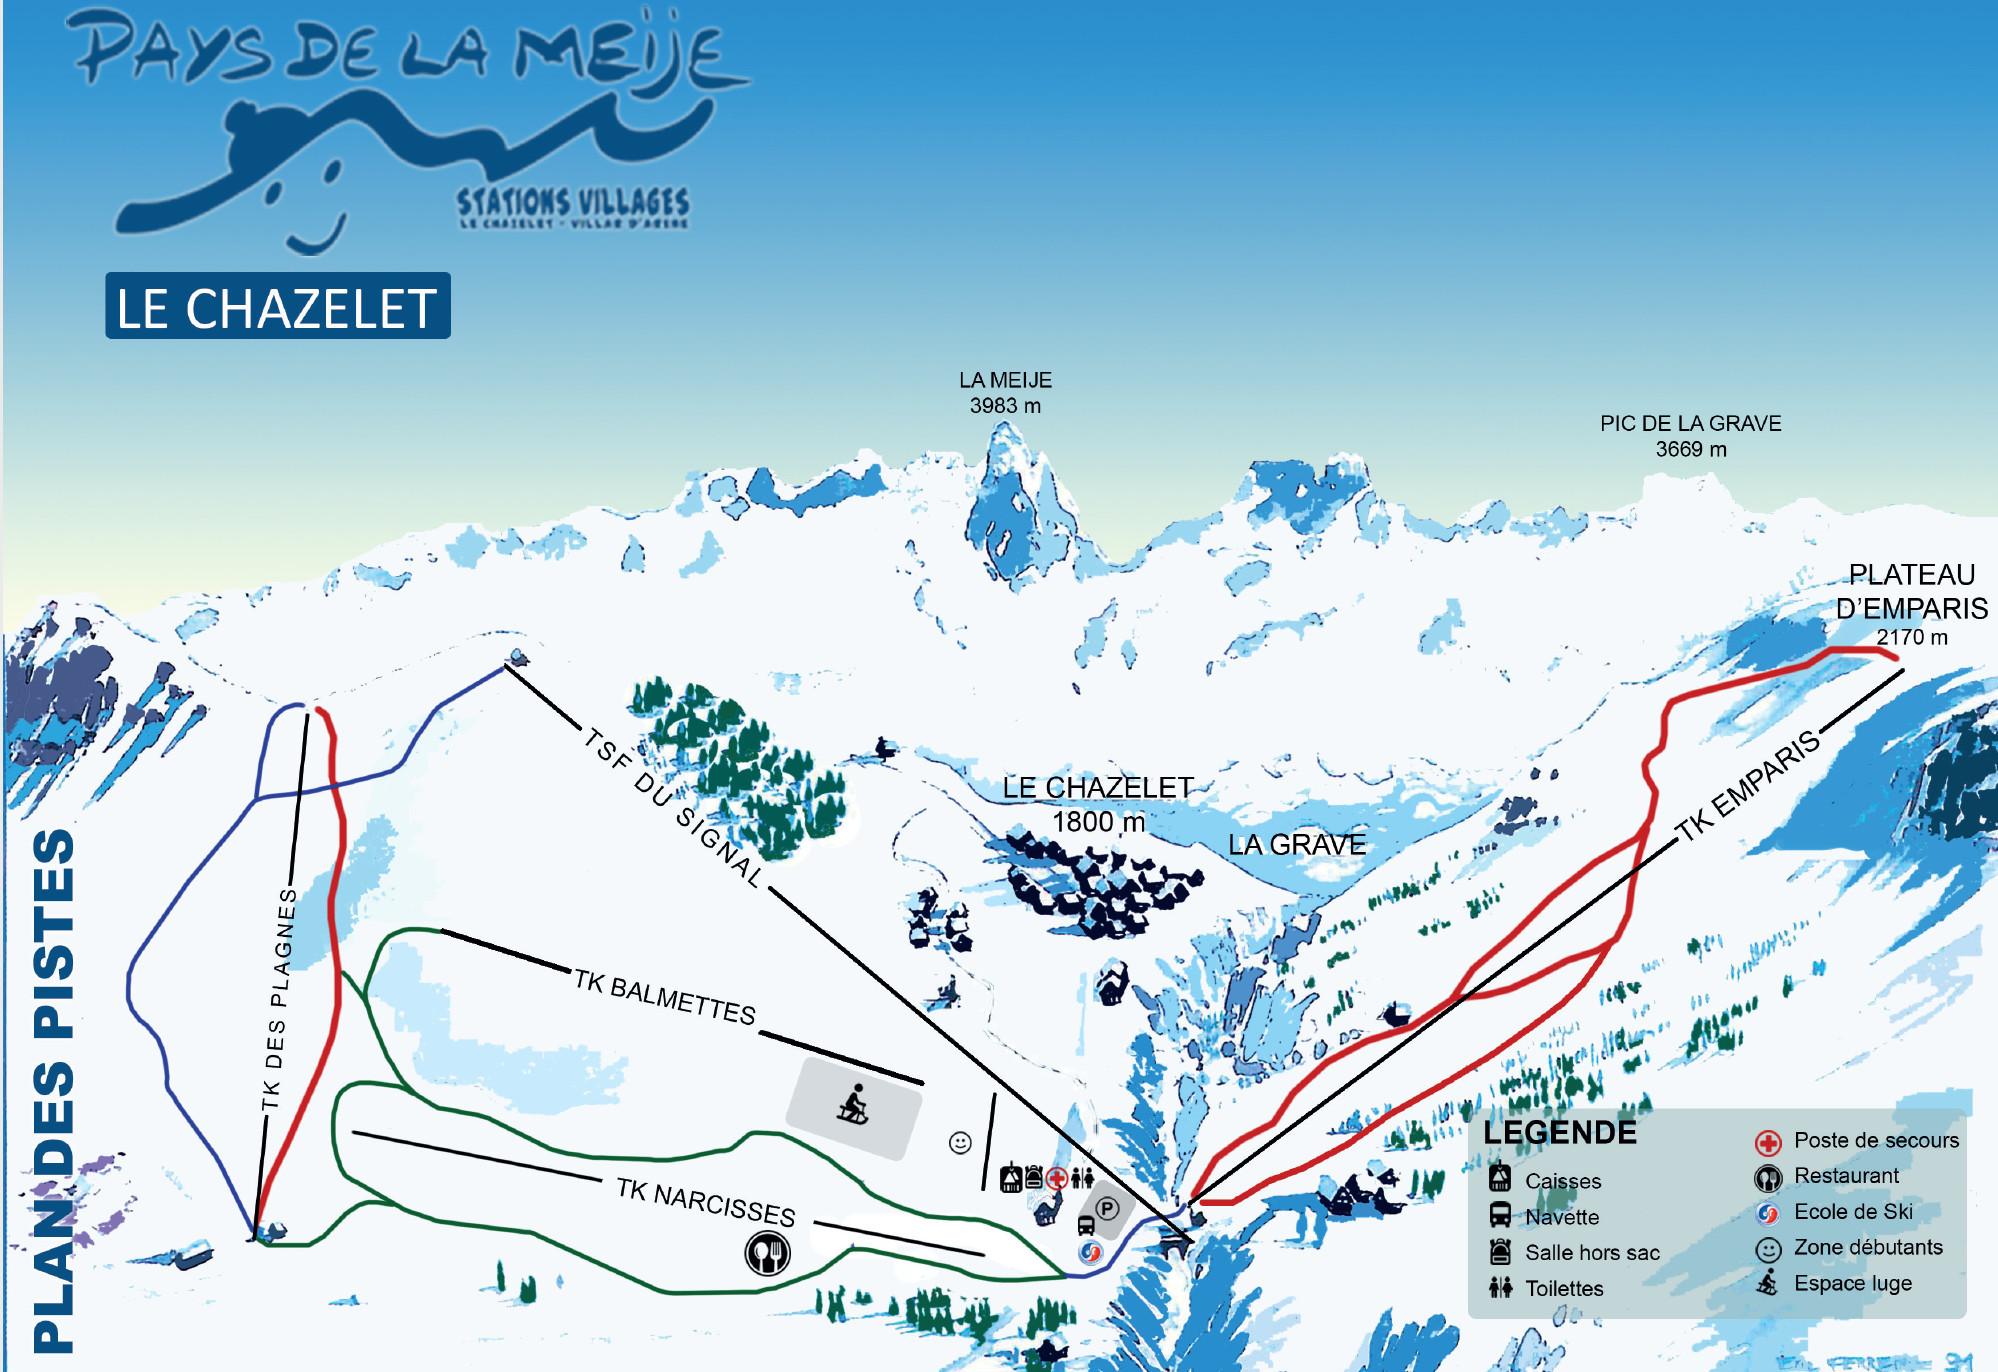 Plan Des Pistes De La Station De Ski Le Chazelet